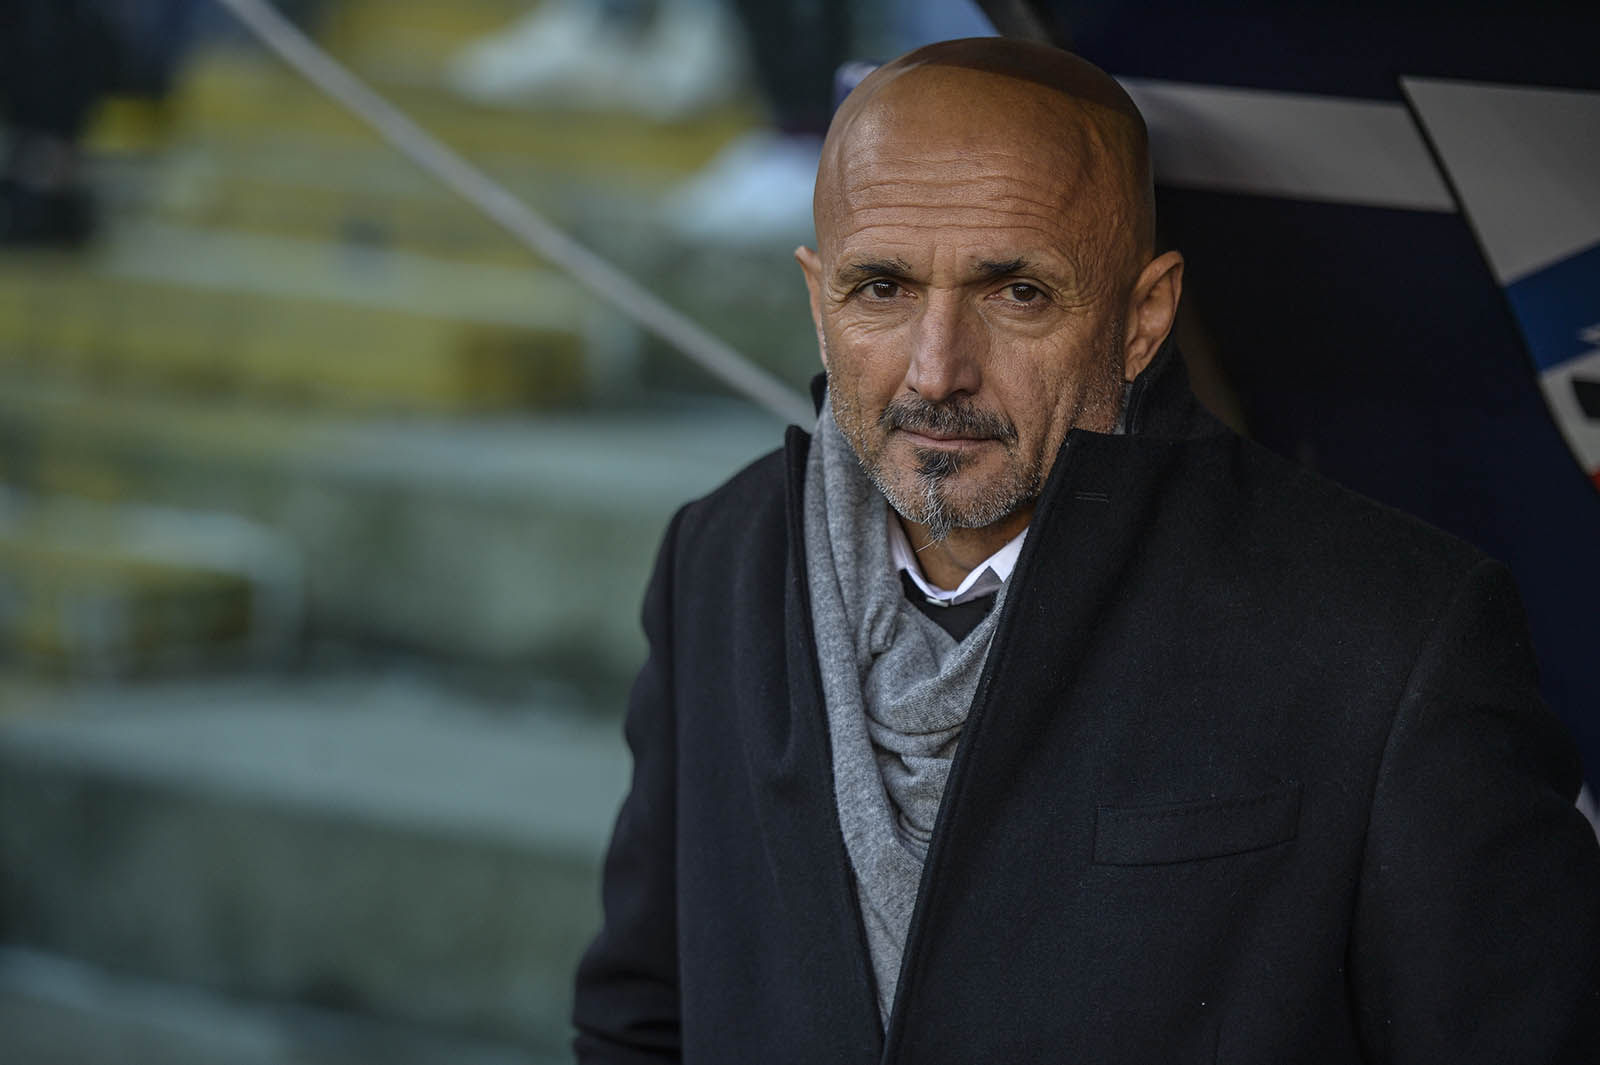 Σπαλέτι: «Να καταλάβουμε ποιοι είμαστε και τι αξίζουμε» | Sportsking.gr